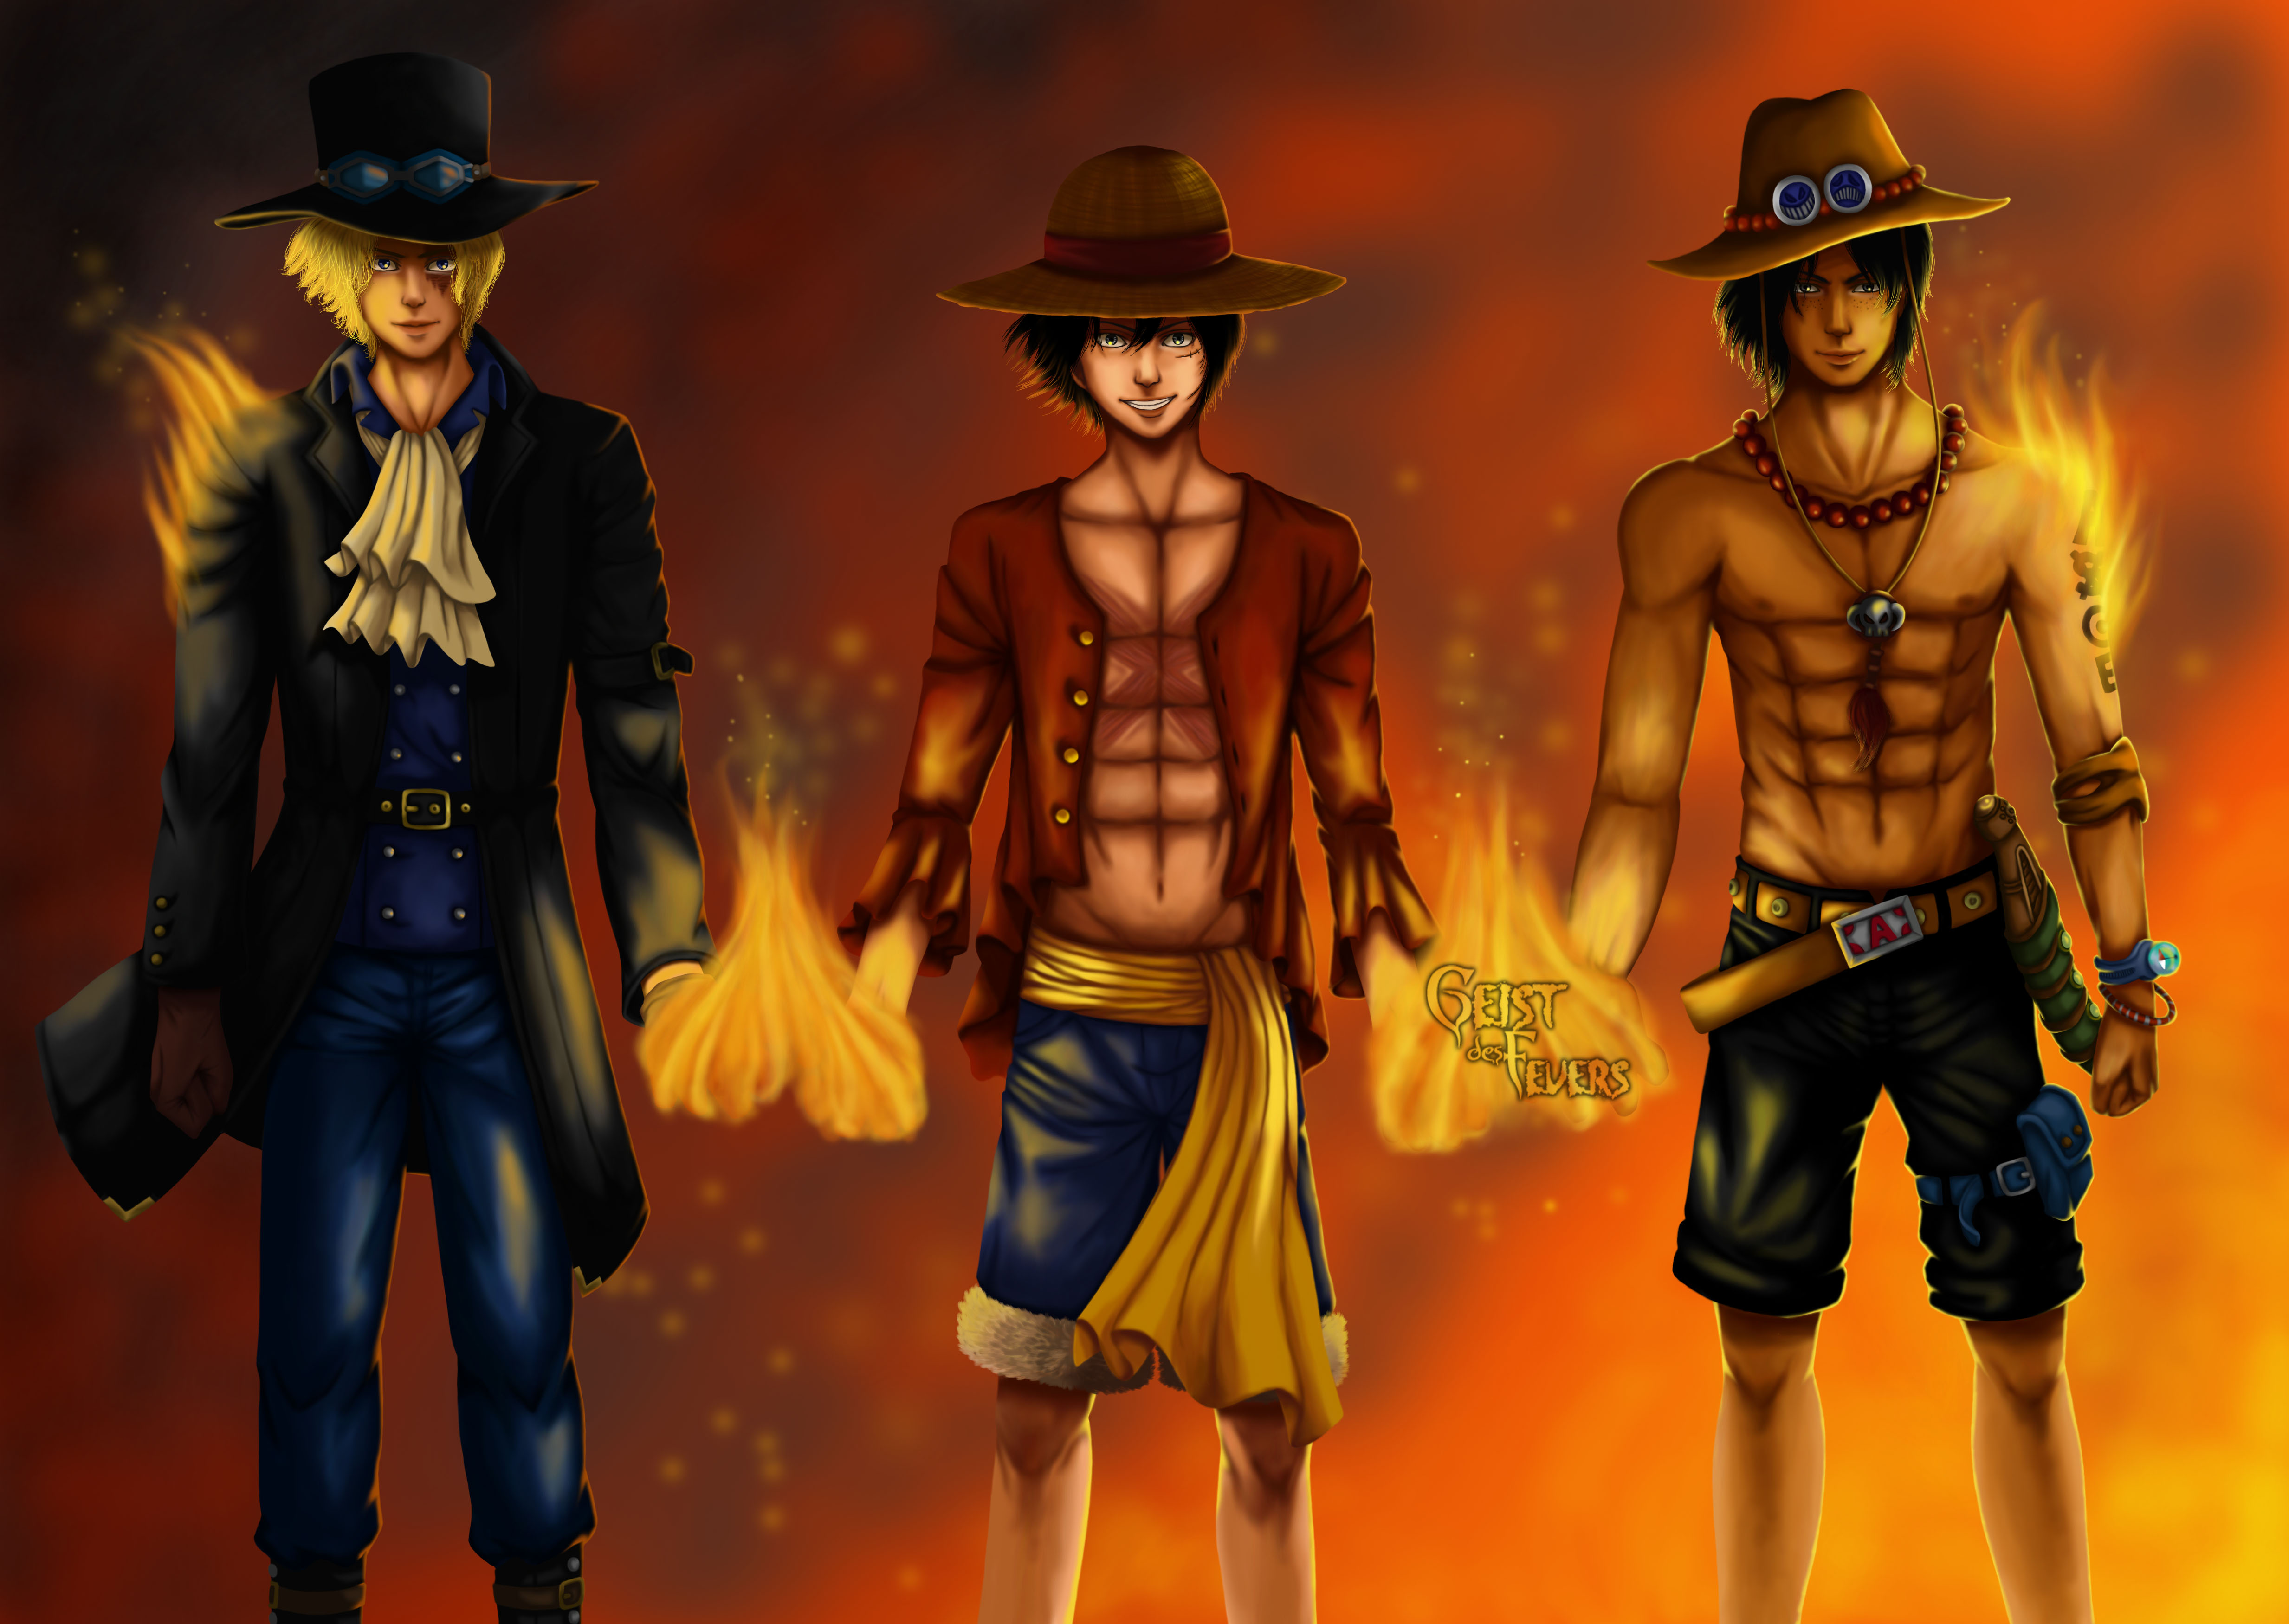 One Piece 4k Ultra Hd Wallpaper Hintergrund 4932x3500